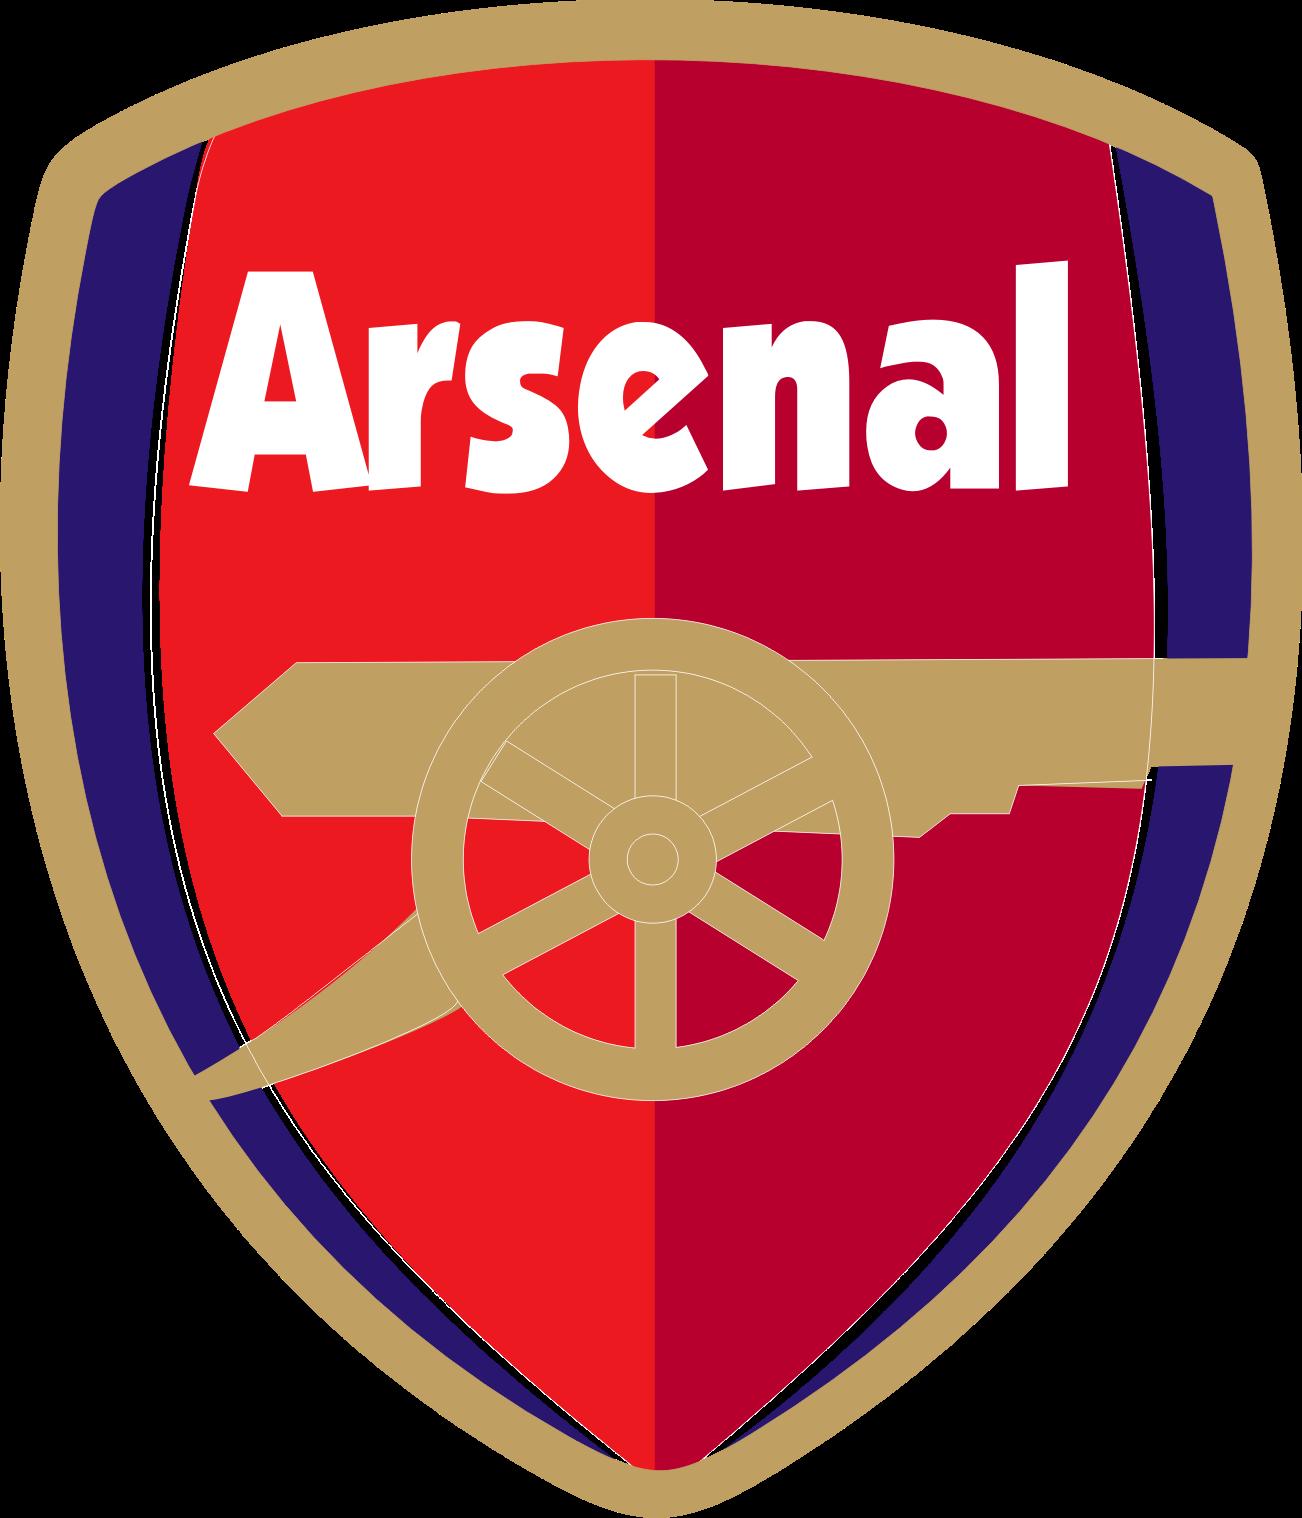 Logo Arsenal Fc Kumpulan Lambang Indonesia Football Club Dikenal Pula